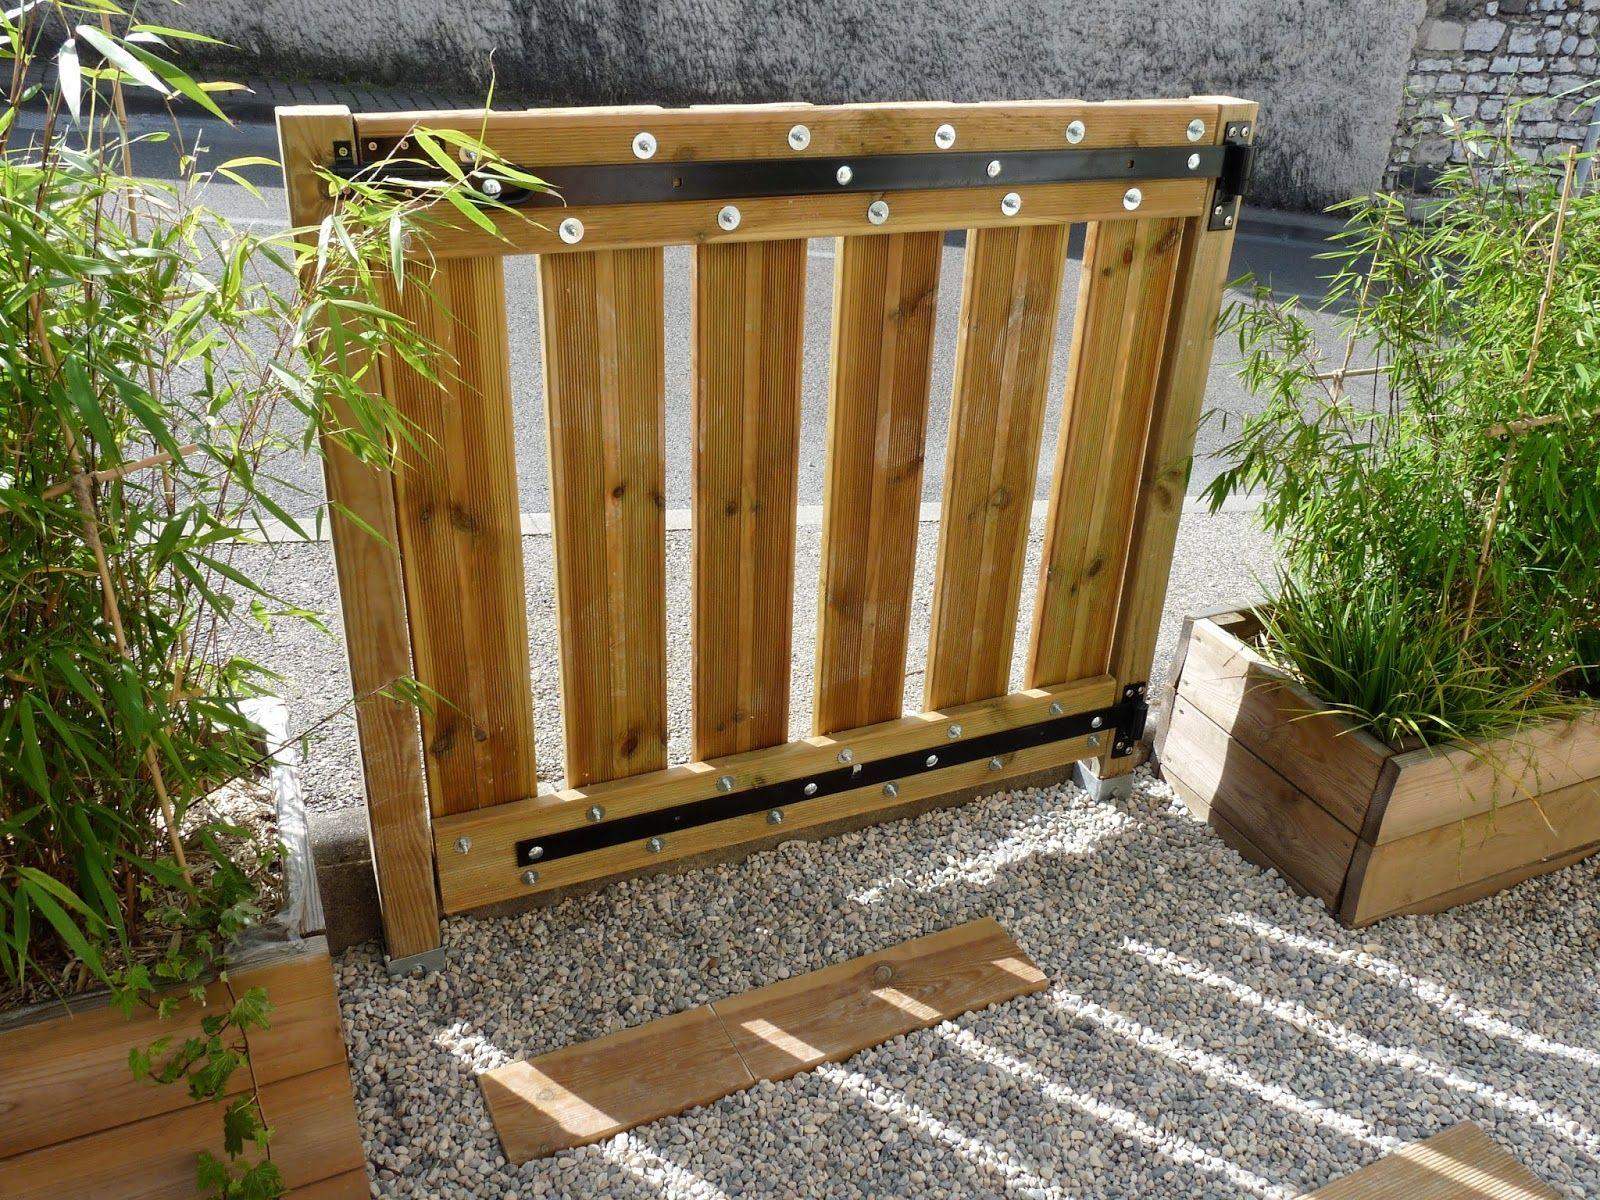 Fabriquer Un Portillon En Bois | Portillon Jardin, Portillon ... intérieur Portillon De Jardin Pas Cher